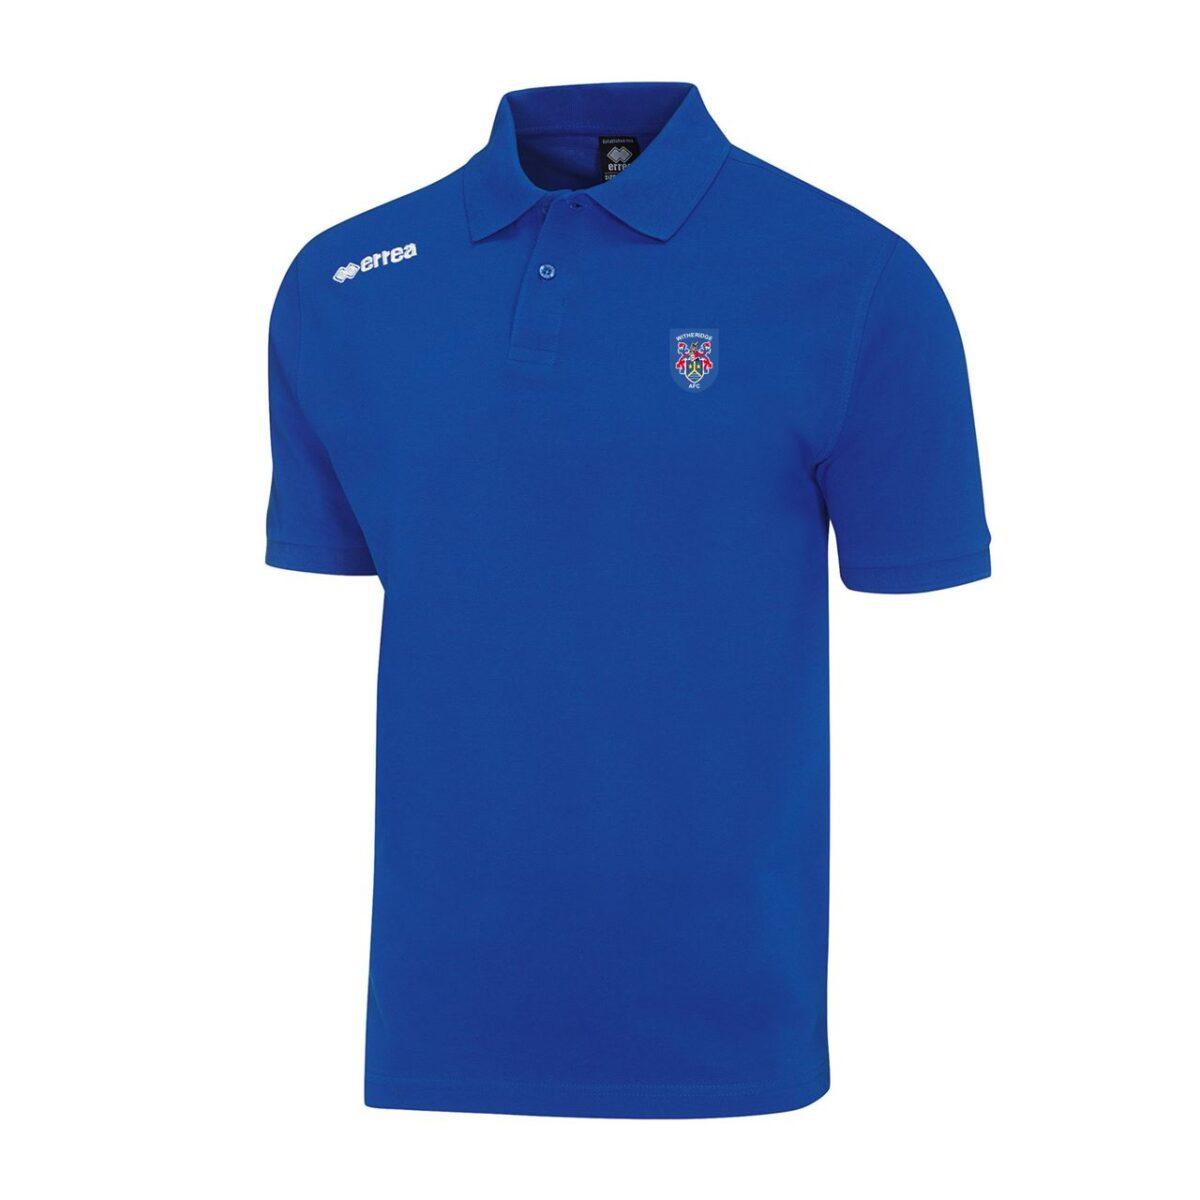 Witheridge Football Club Polo Shirt - Royal